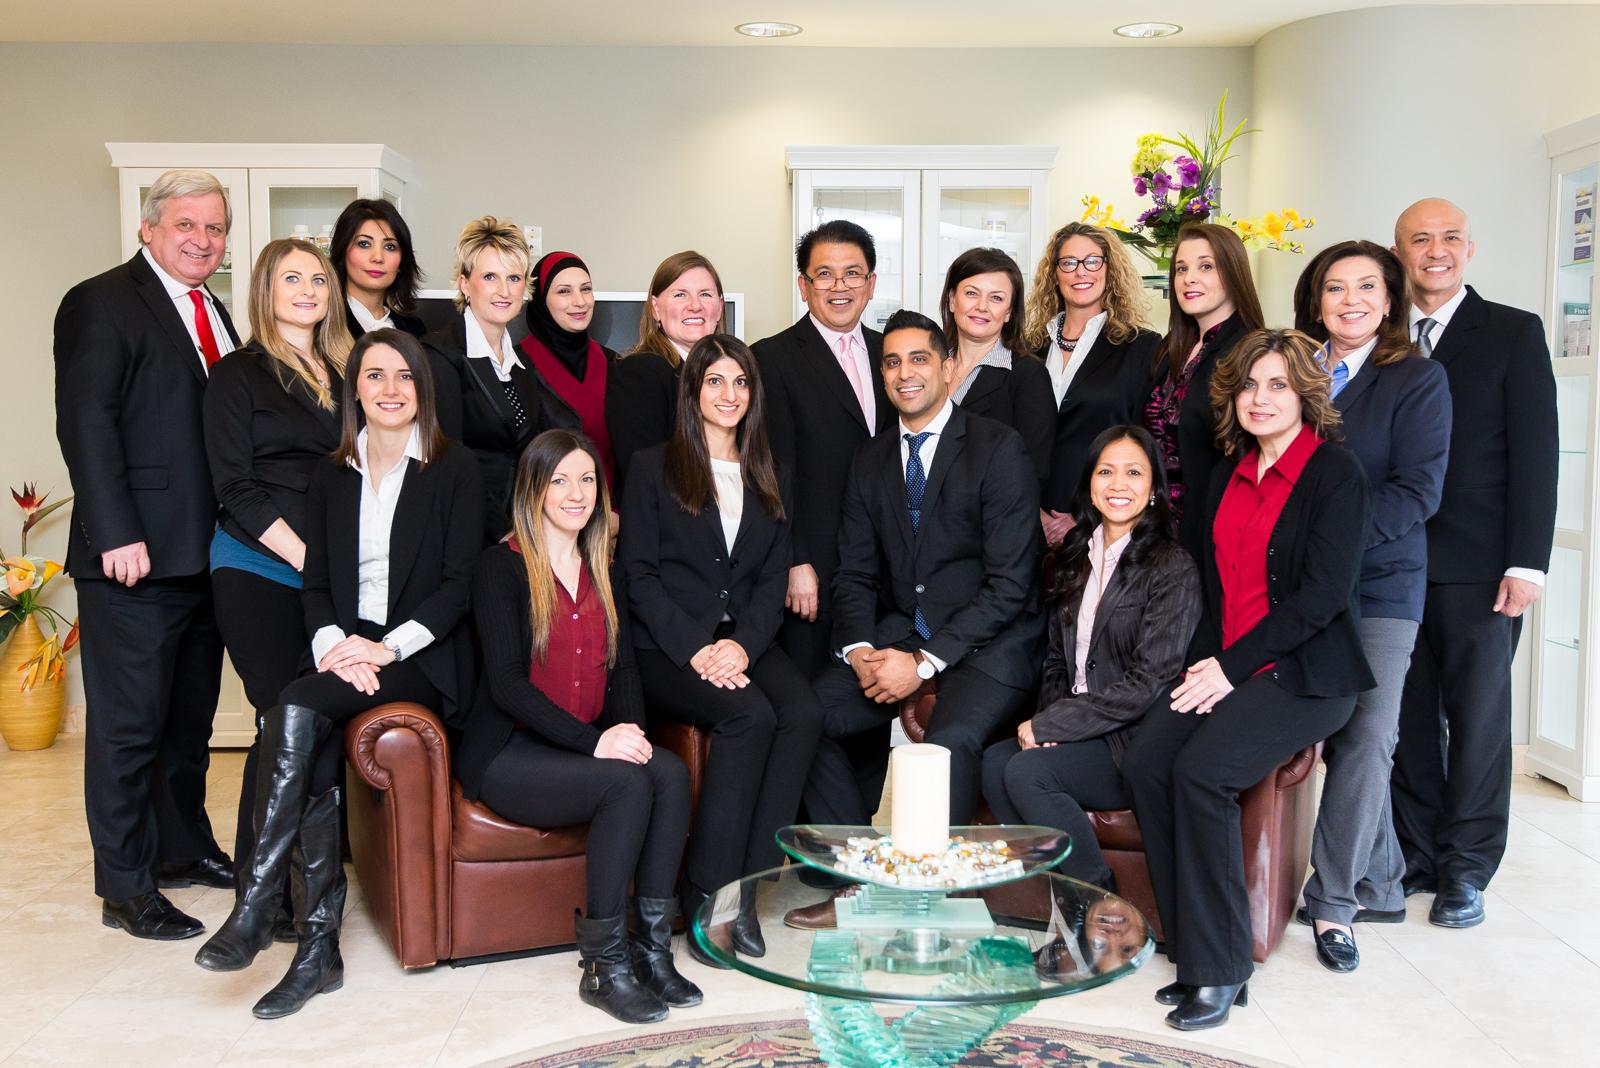 Estrabillo Dental Group Team Photo Estrabillo Dental Group Ancaster (905)304-6300